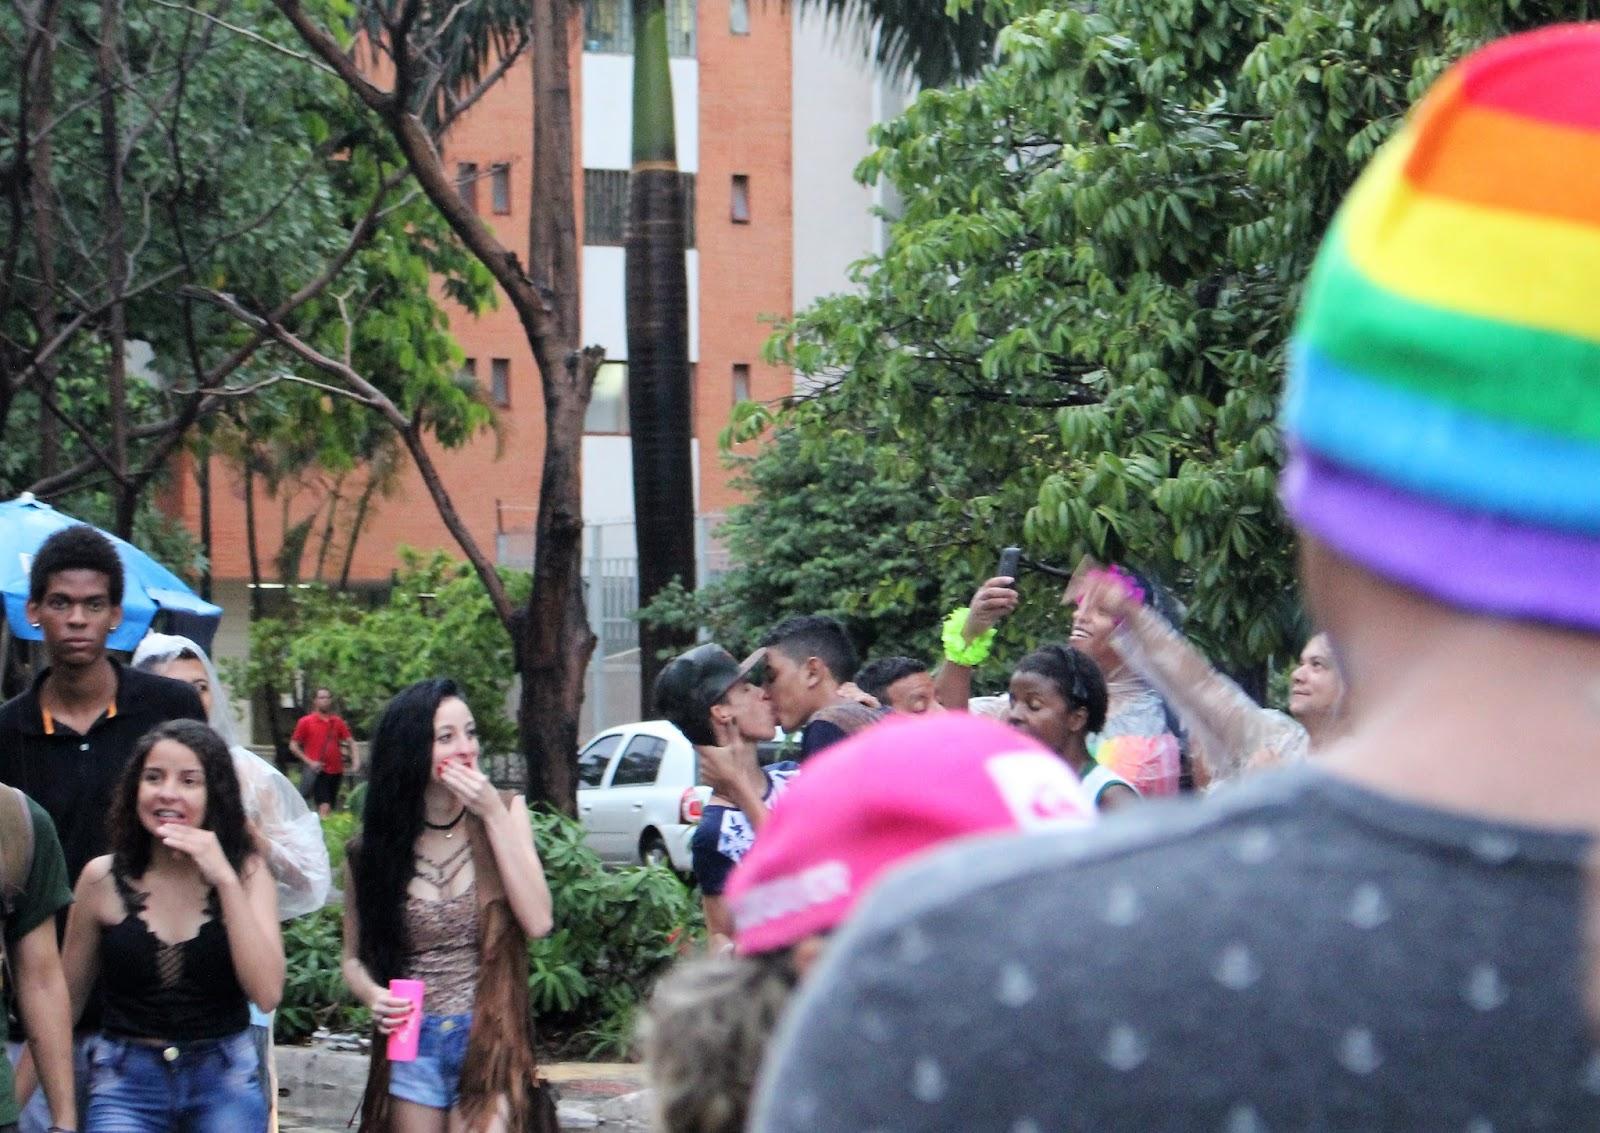 Parada LGBT do Guará é marcada por forte chuva e shows de drags em trio